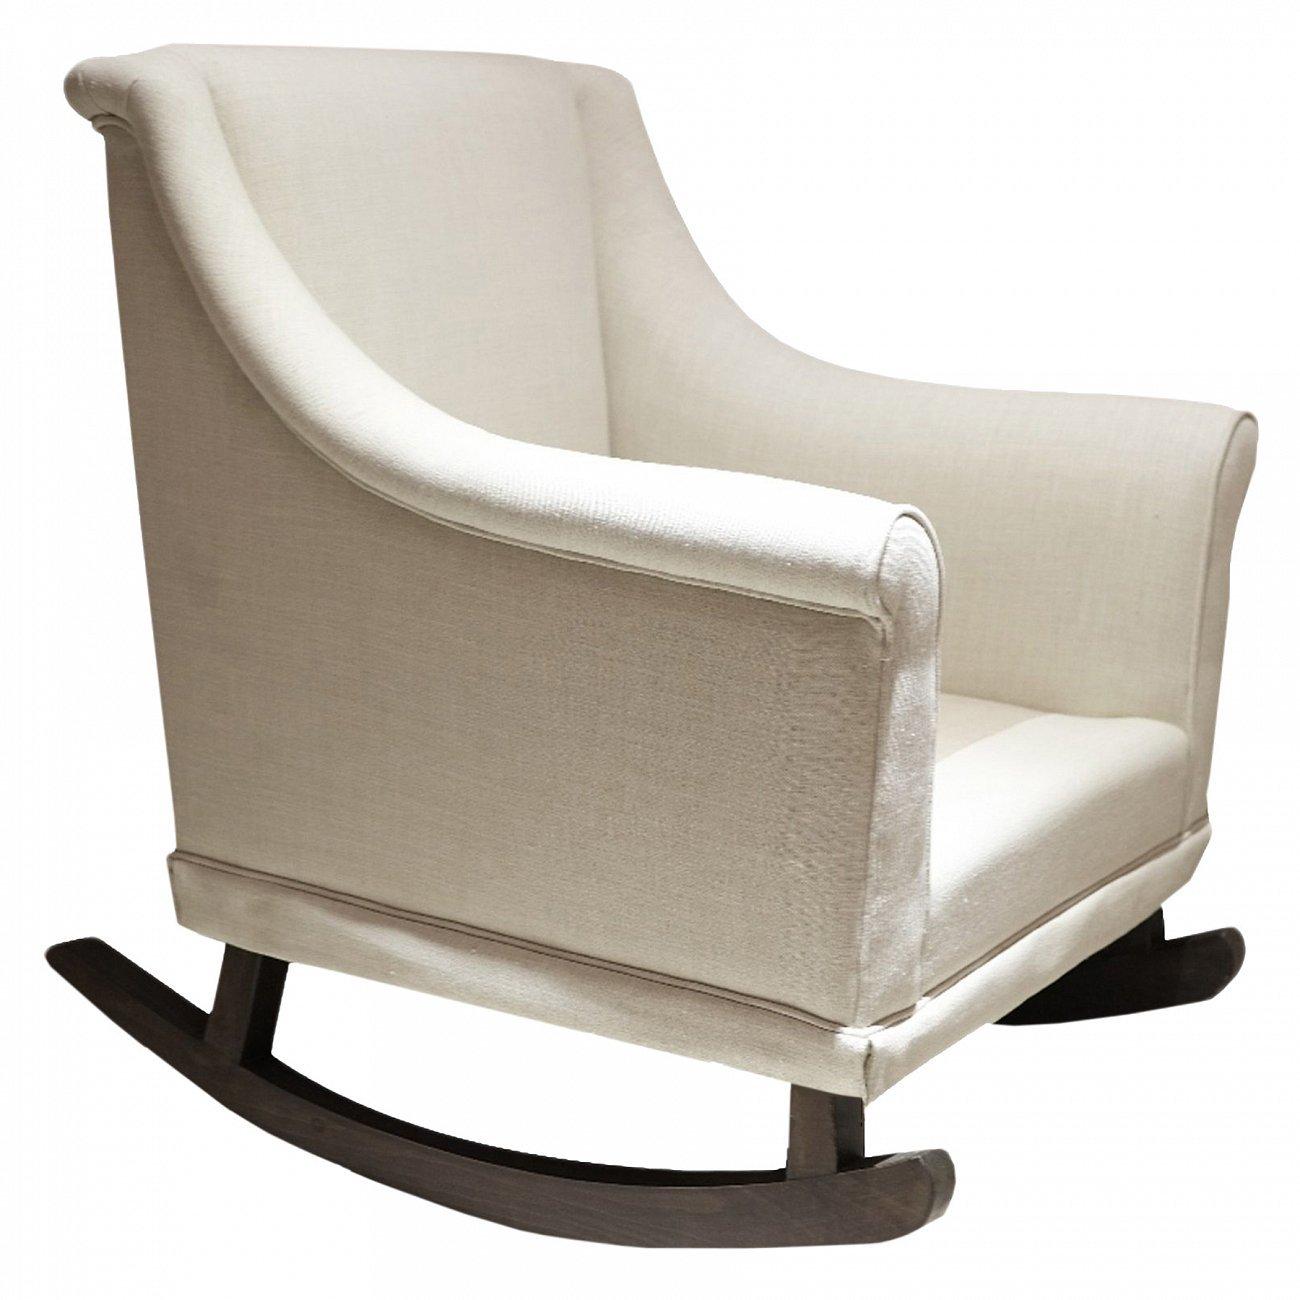 Купить Детское кресло-качалка Soft в интернет магазине дизайнерской мебели и аксессуаров для дома и дачи